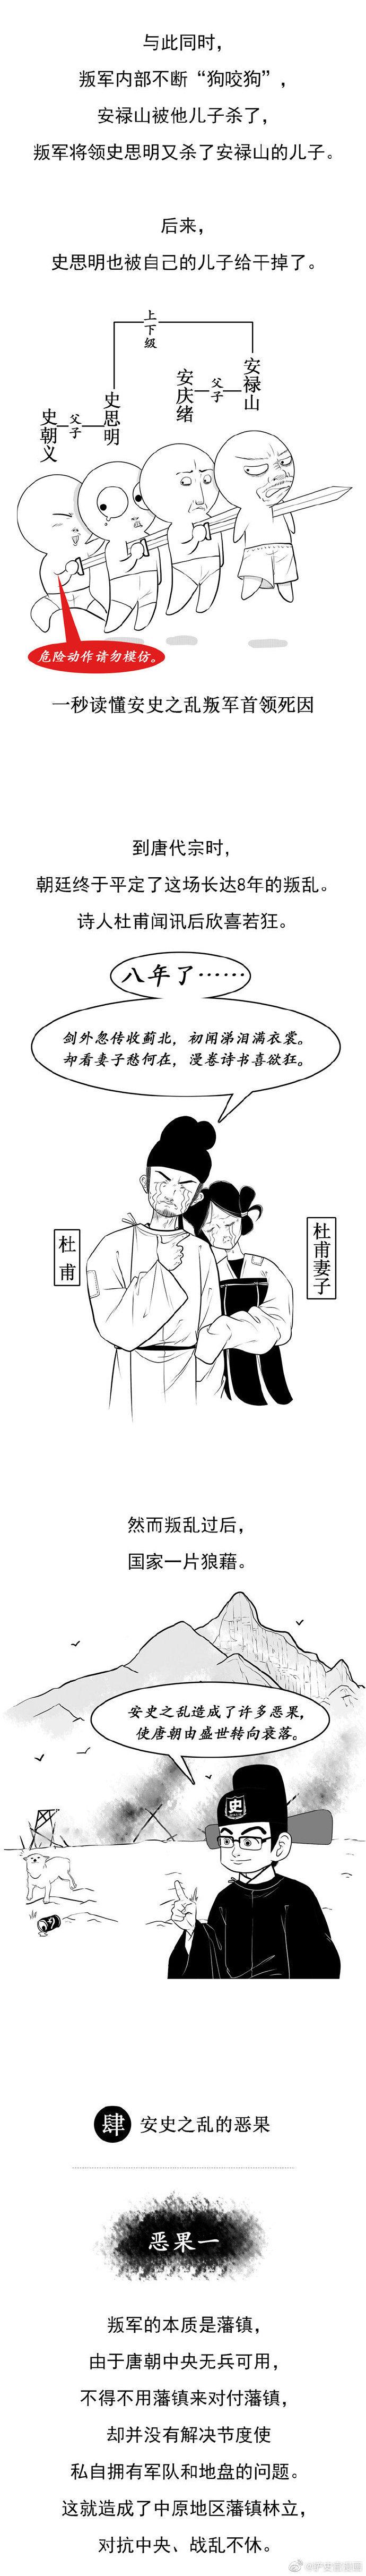 唐朝|安史之乱是因为胡人不值得信任吗?